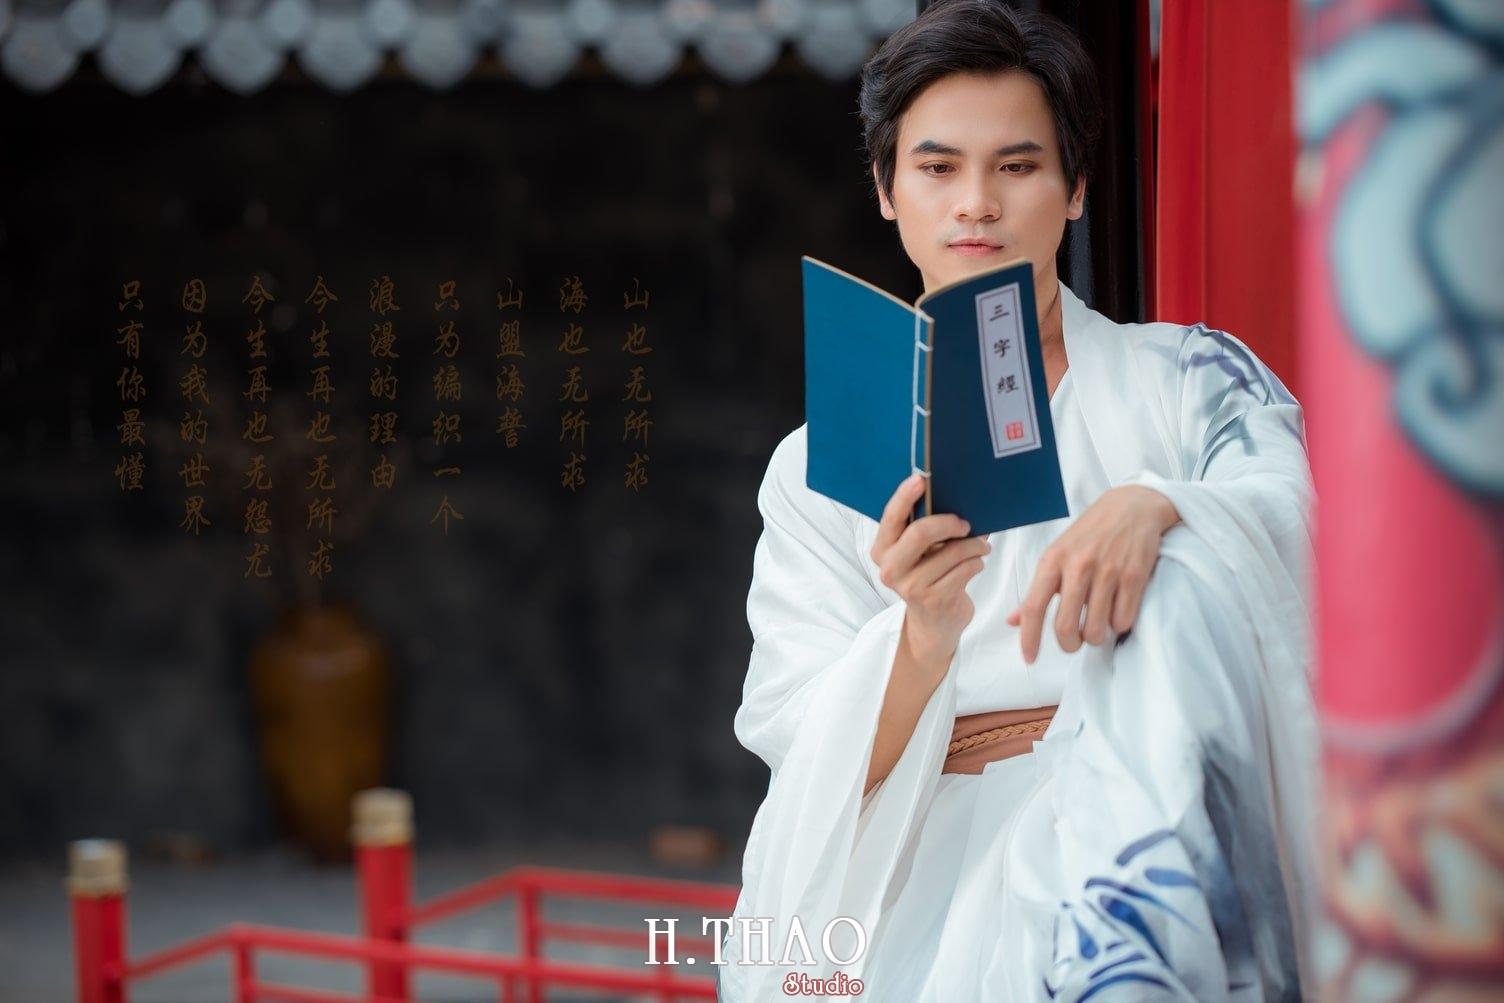 Anh co trang nam 7 - Album ảnh cổ trang nam phong cách thư sinh đẹp lạ mắt – HThao Studio